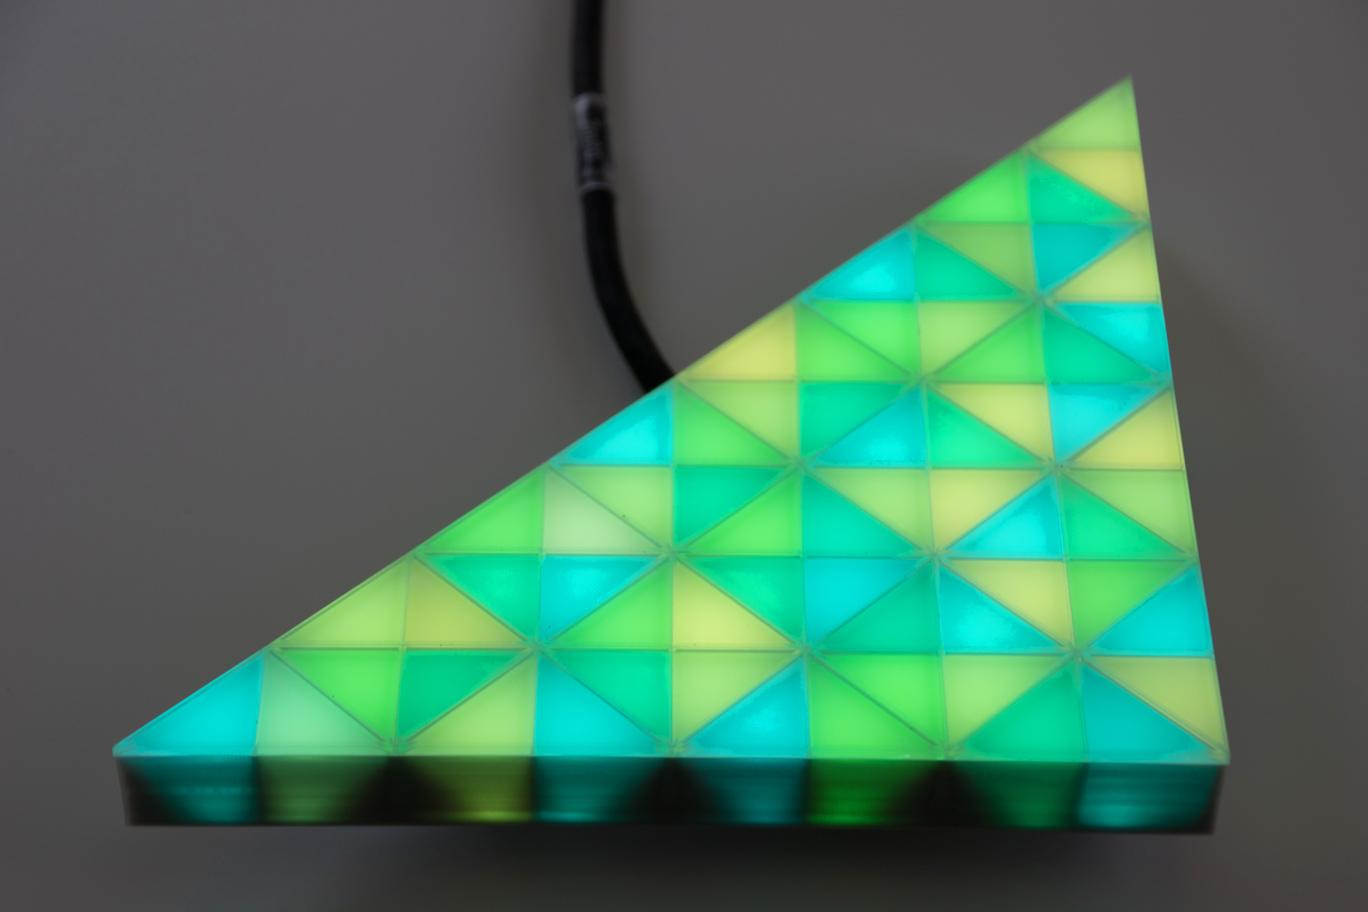 voll videofähiges, grün leuchtendes LED-Modul in einer dreieckigen Form